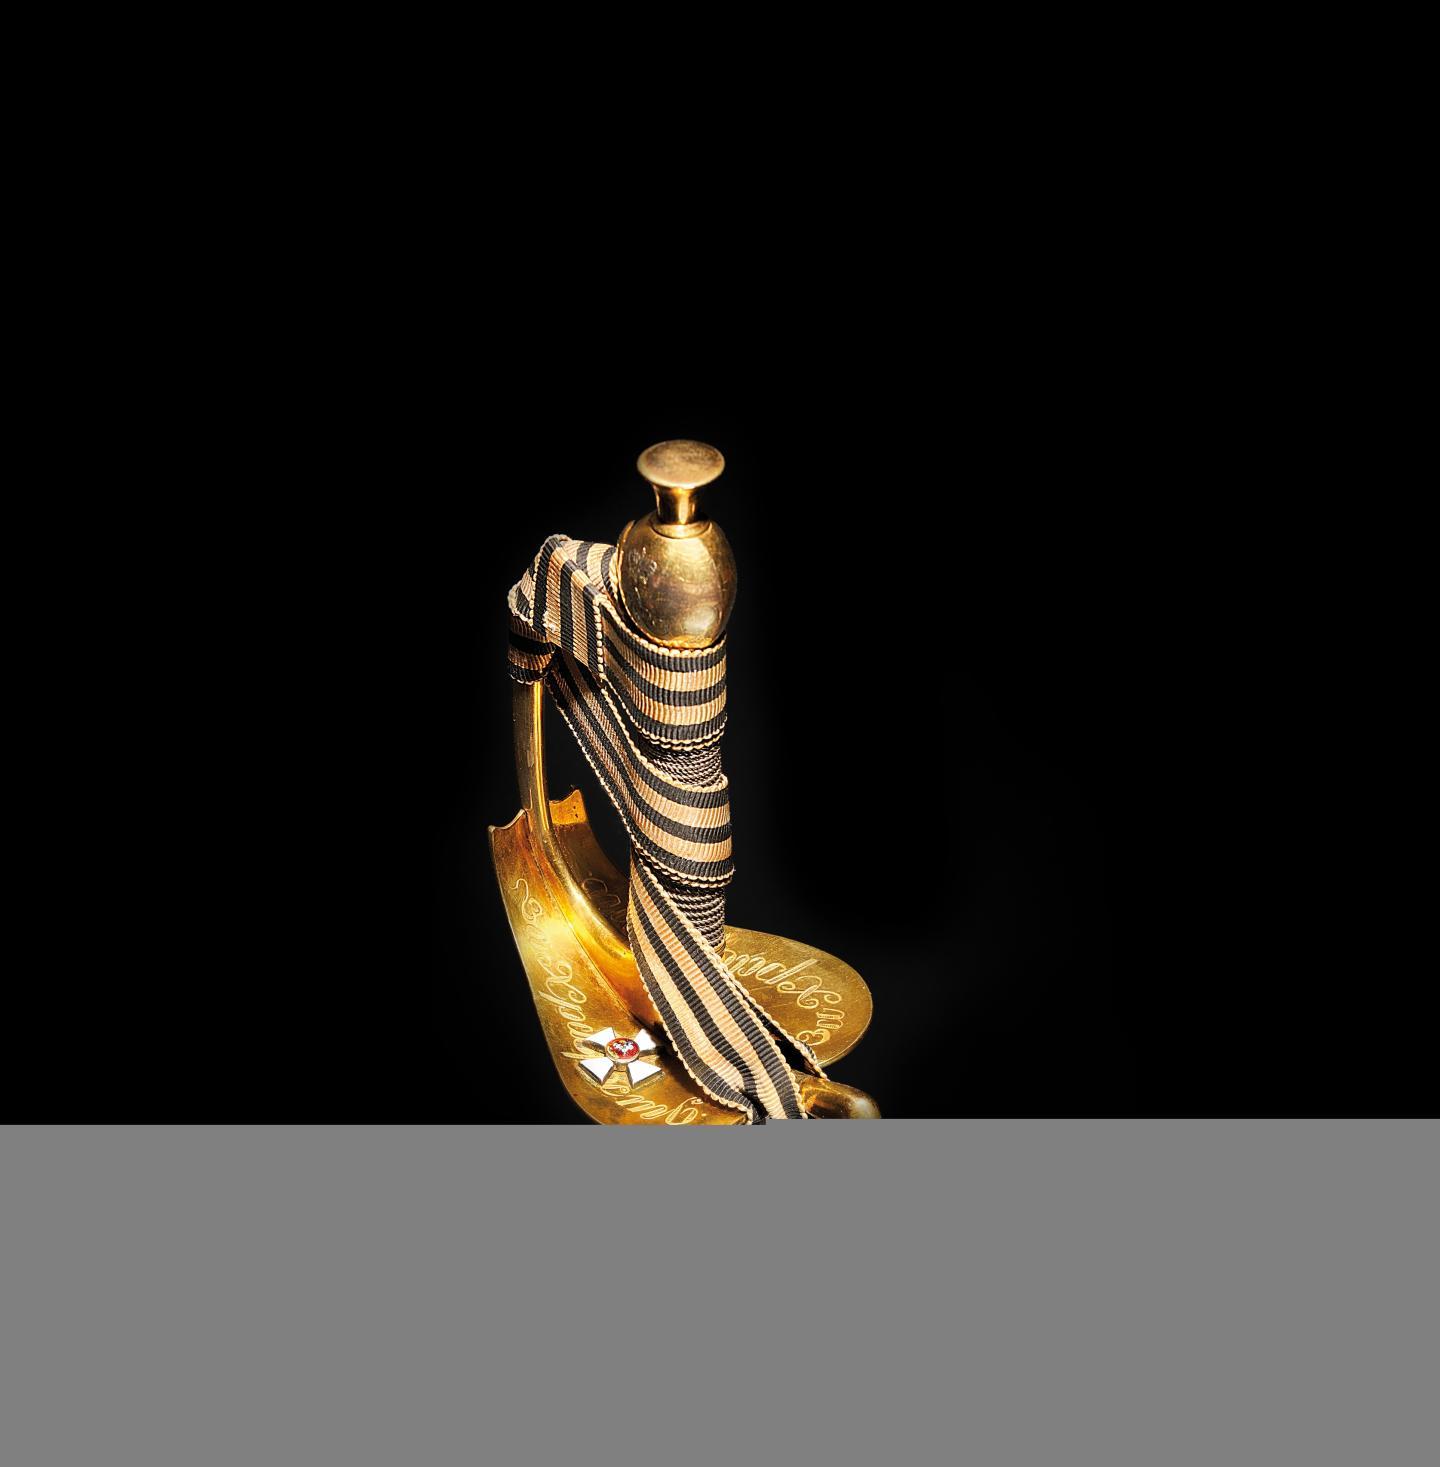 La plus belle vente d'hier s'est portée sur l'épée d'or pour la bravoure à la croix Saint-Georges emportée à 244 700 euros.